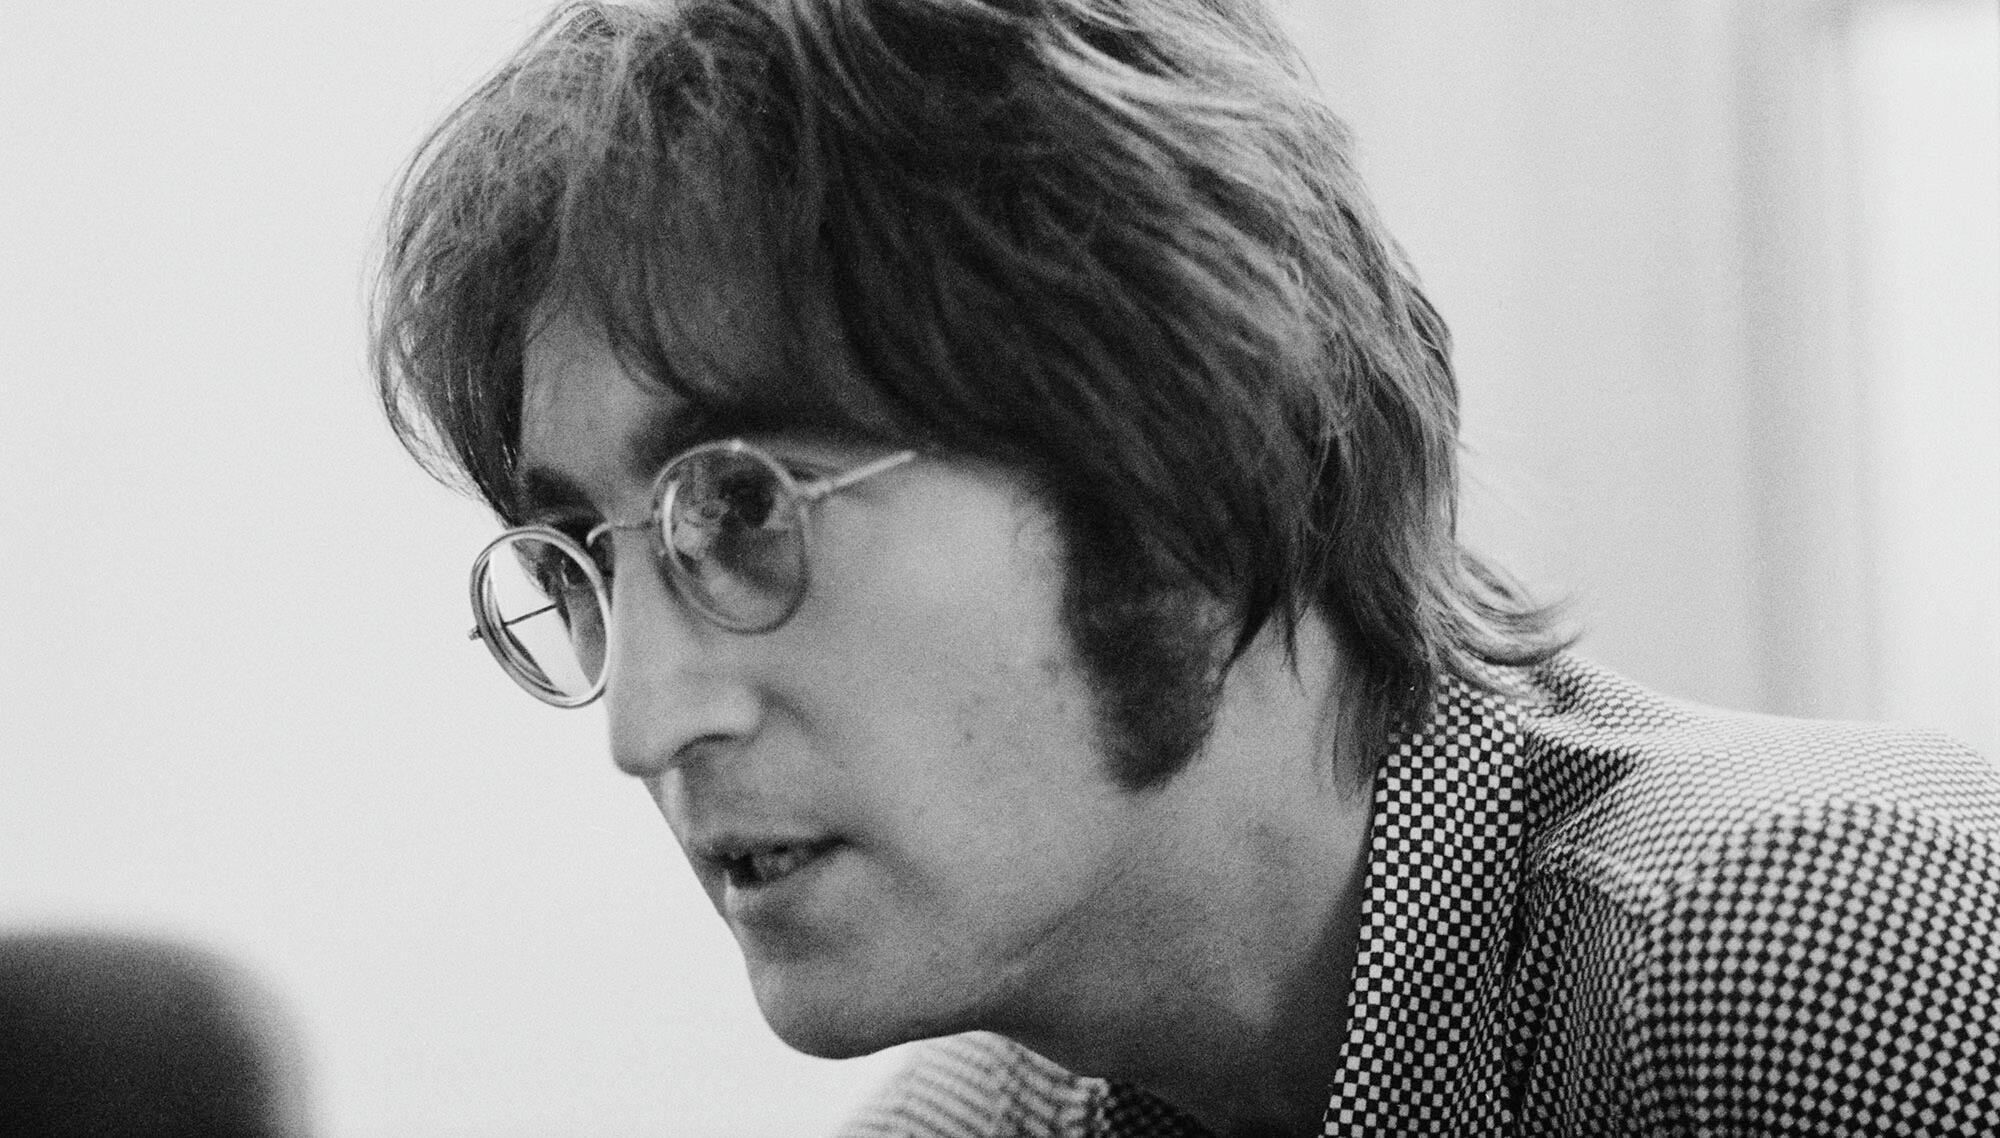 John Lennon's Killer Says He Deserved Death Penalty